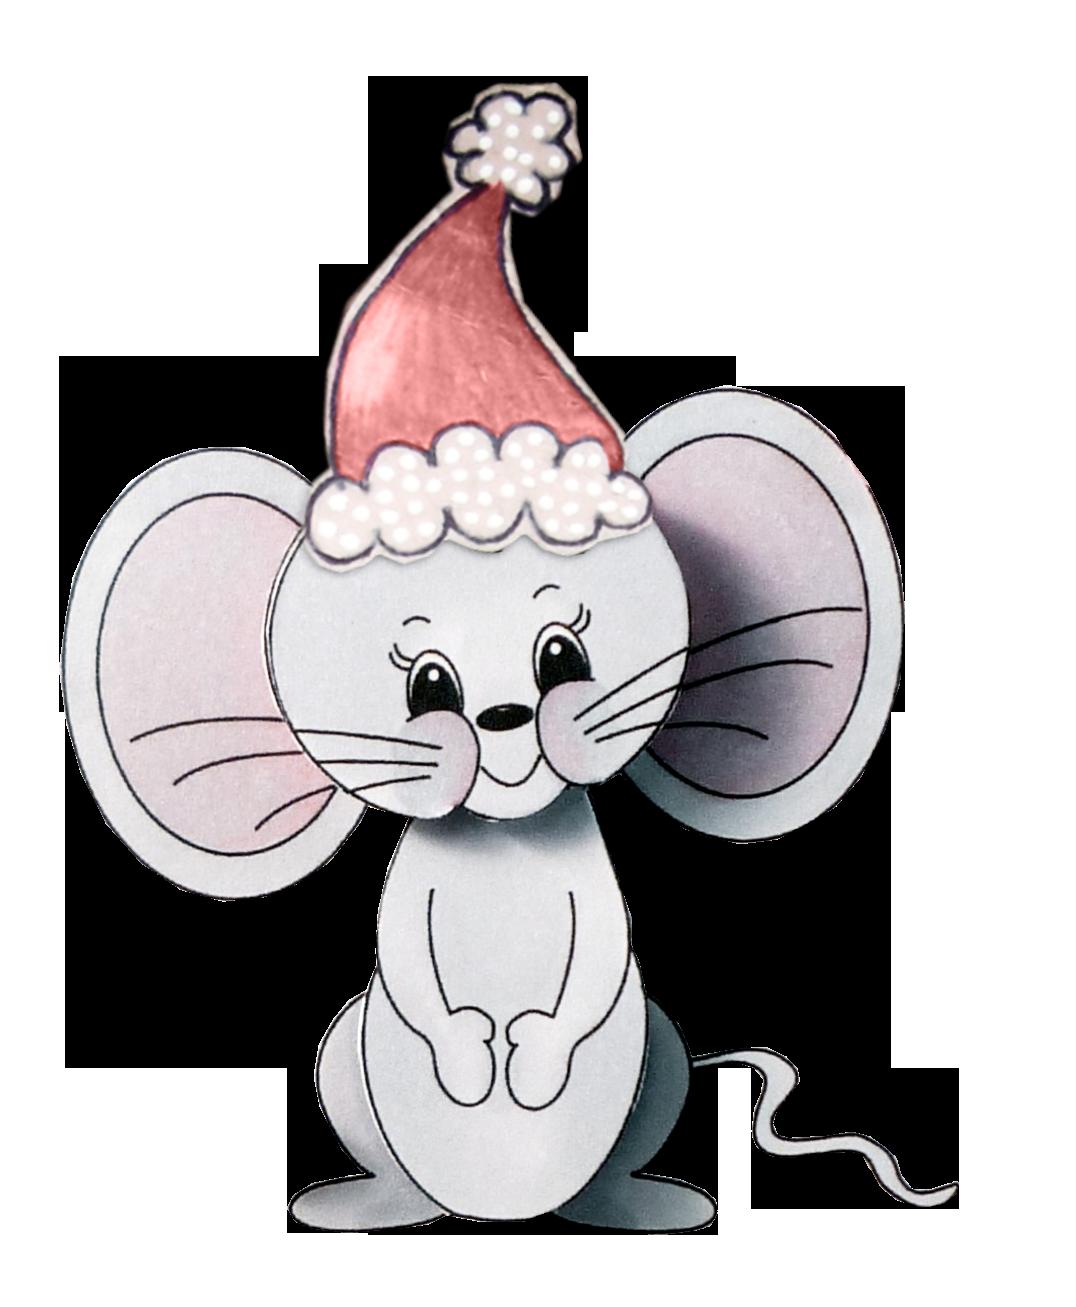 Мышь мультяшная картинки новогодняя